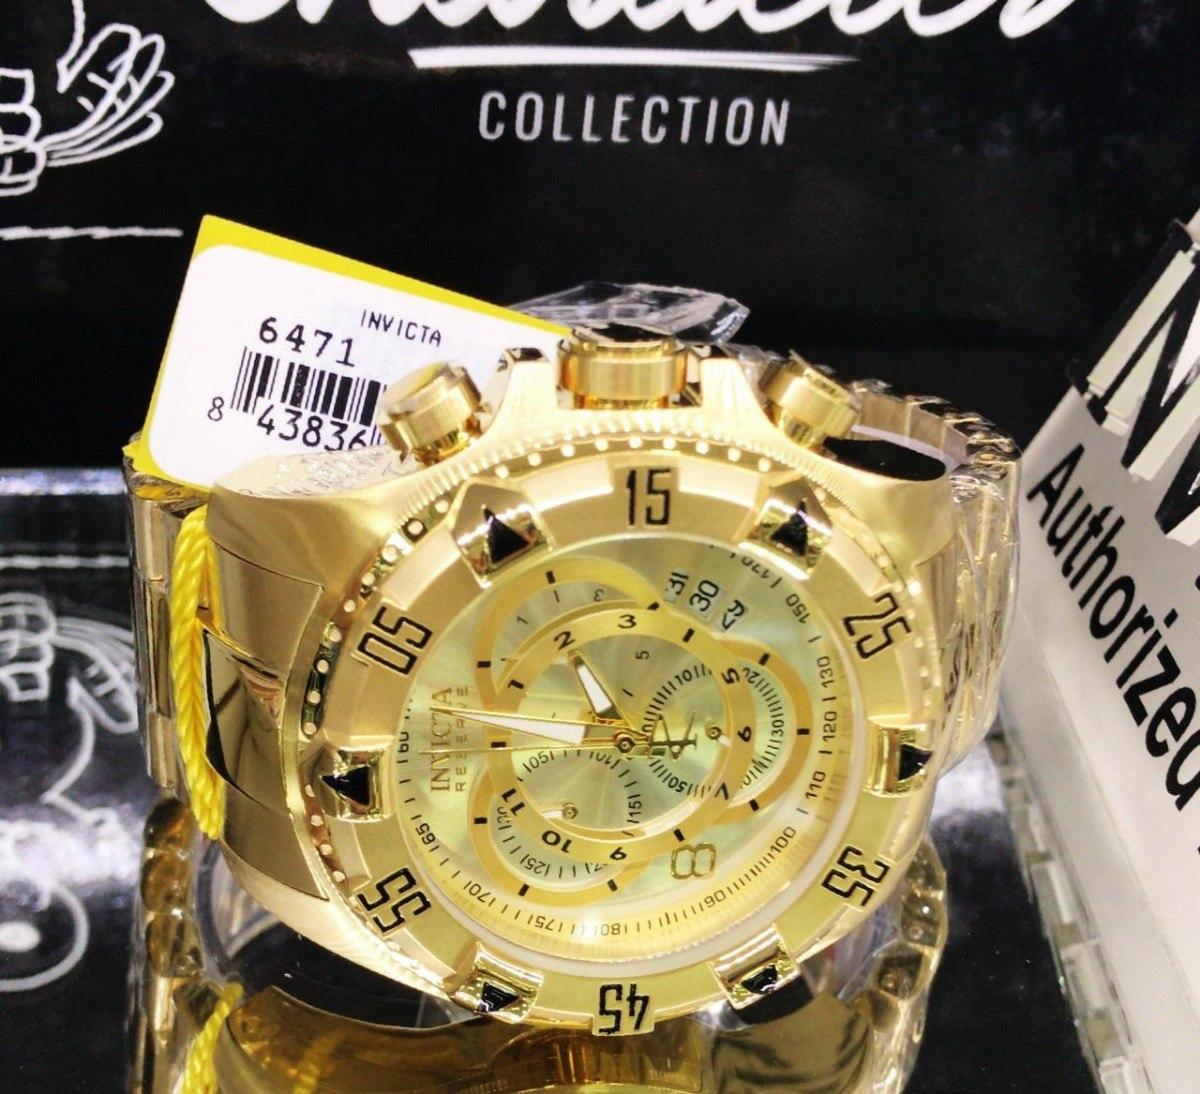 238225d0a36 relógio invicta excursion 6471 nova geração original. Carregando zoom.